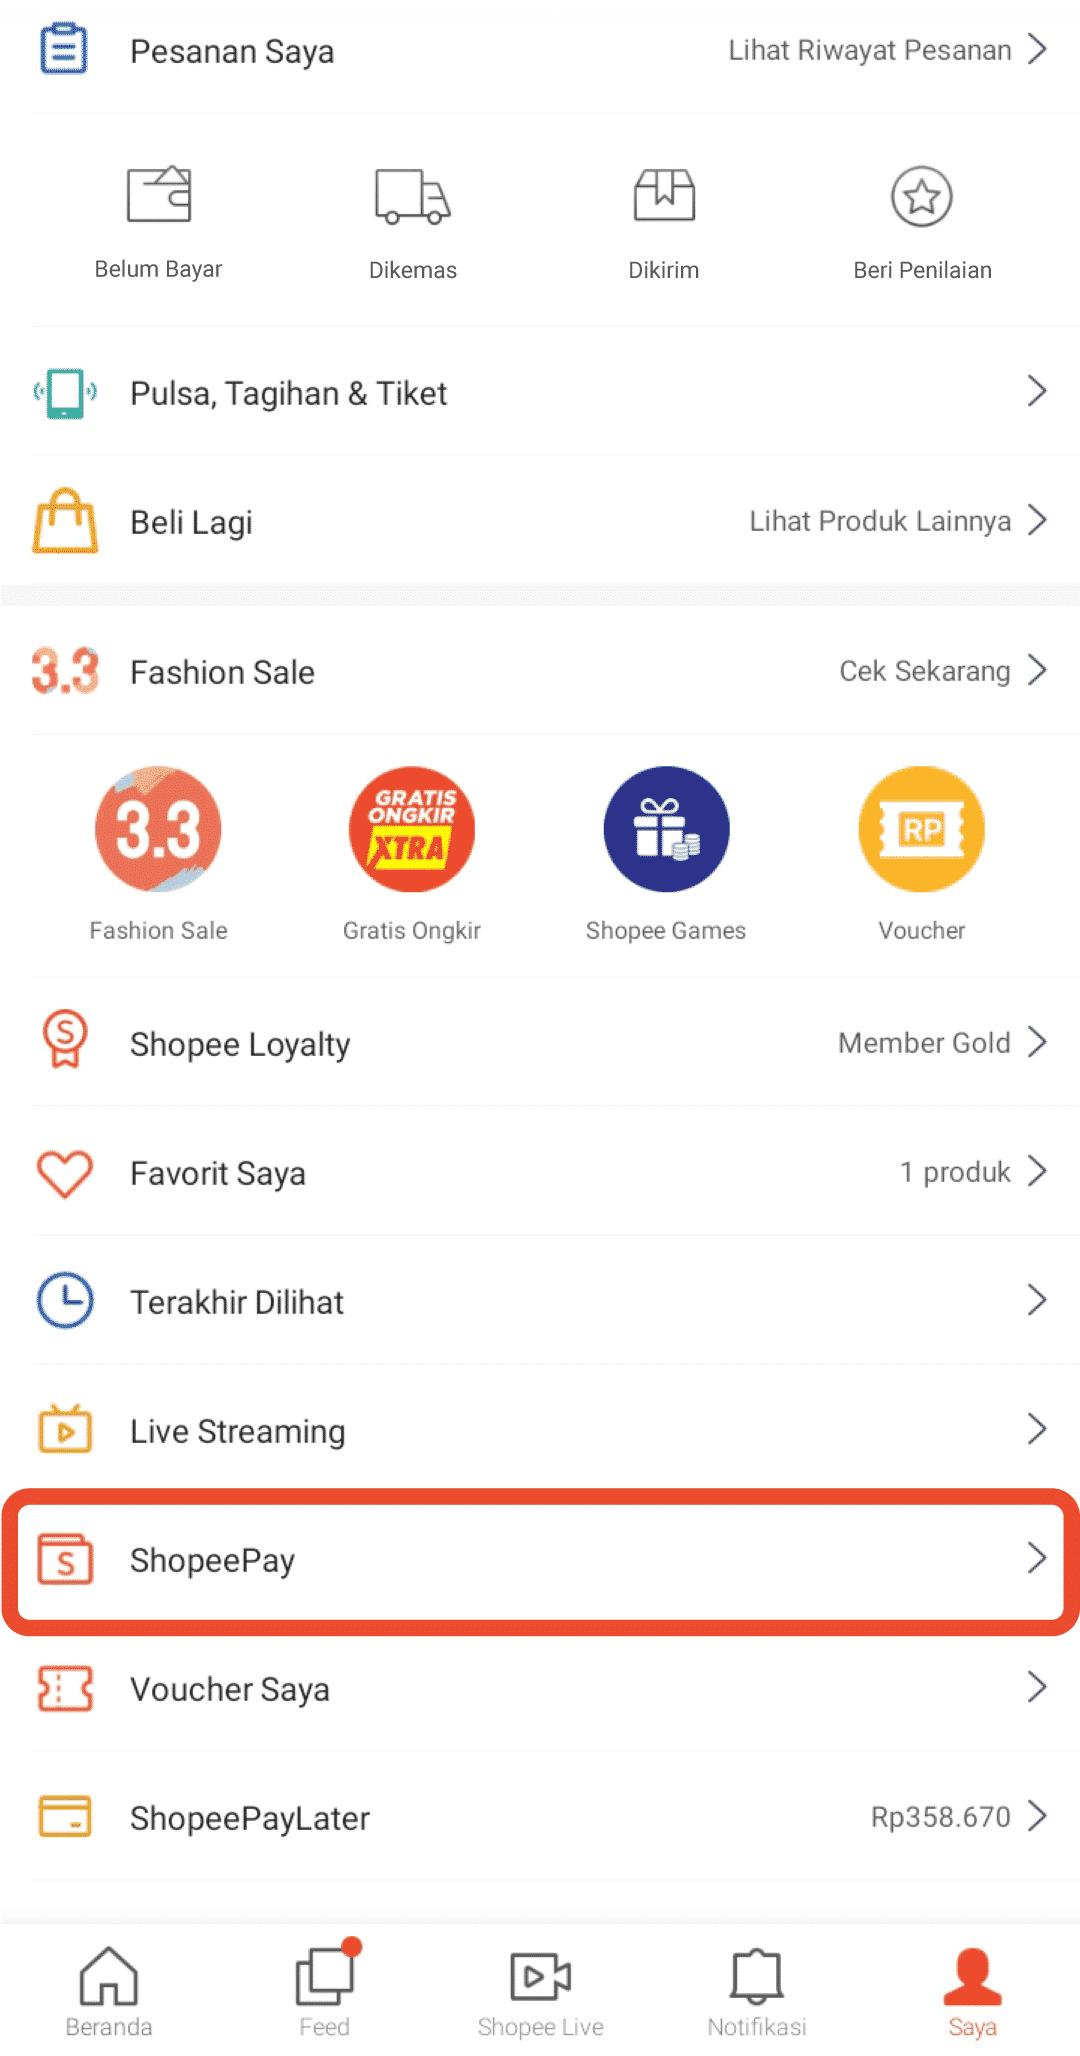 Langkah pertama, Anda harus membuka dahulu aplikasi Shopee